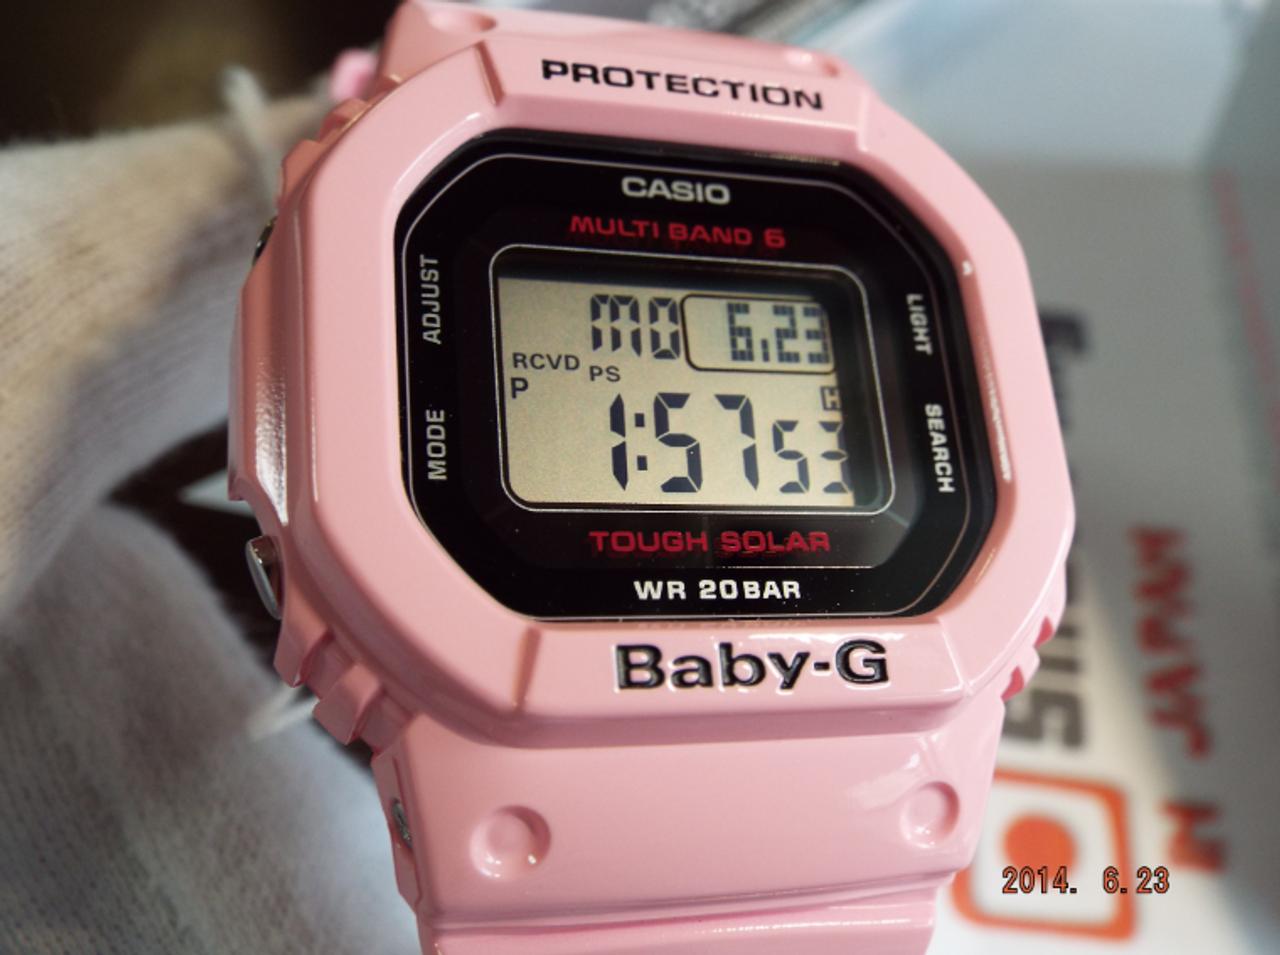 Casio Baby-G ICERC Dolphin Whale BGD-5000K-4JR